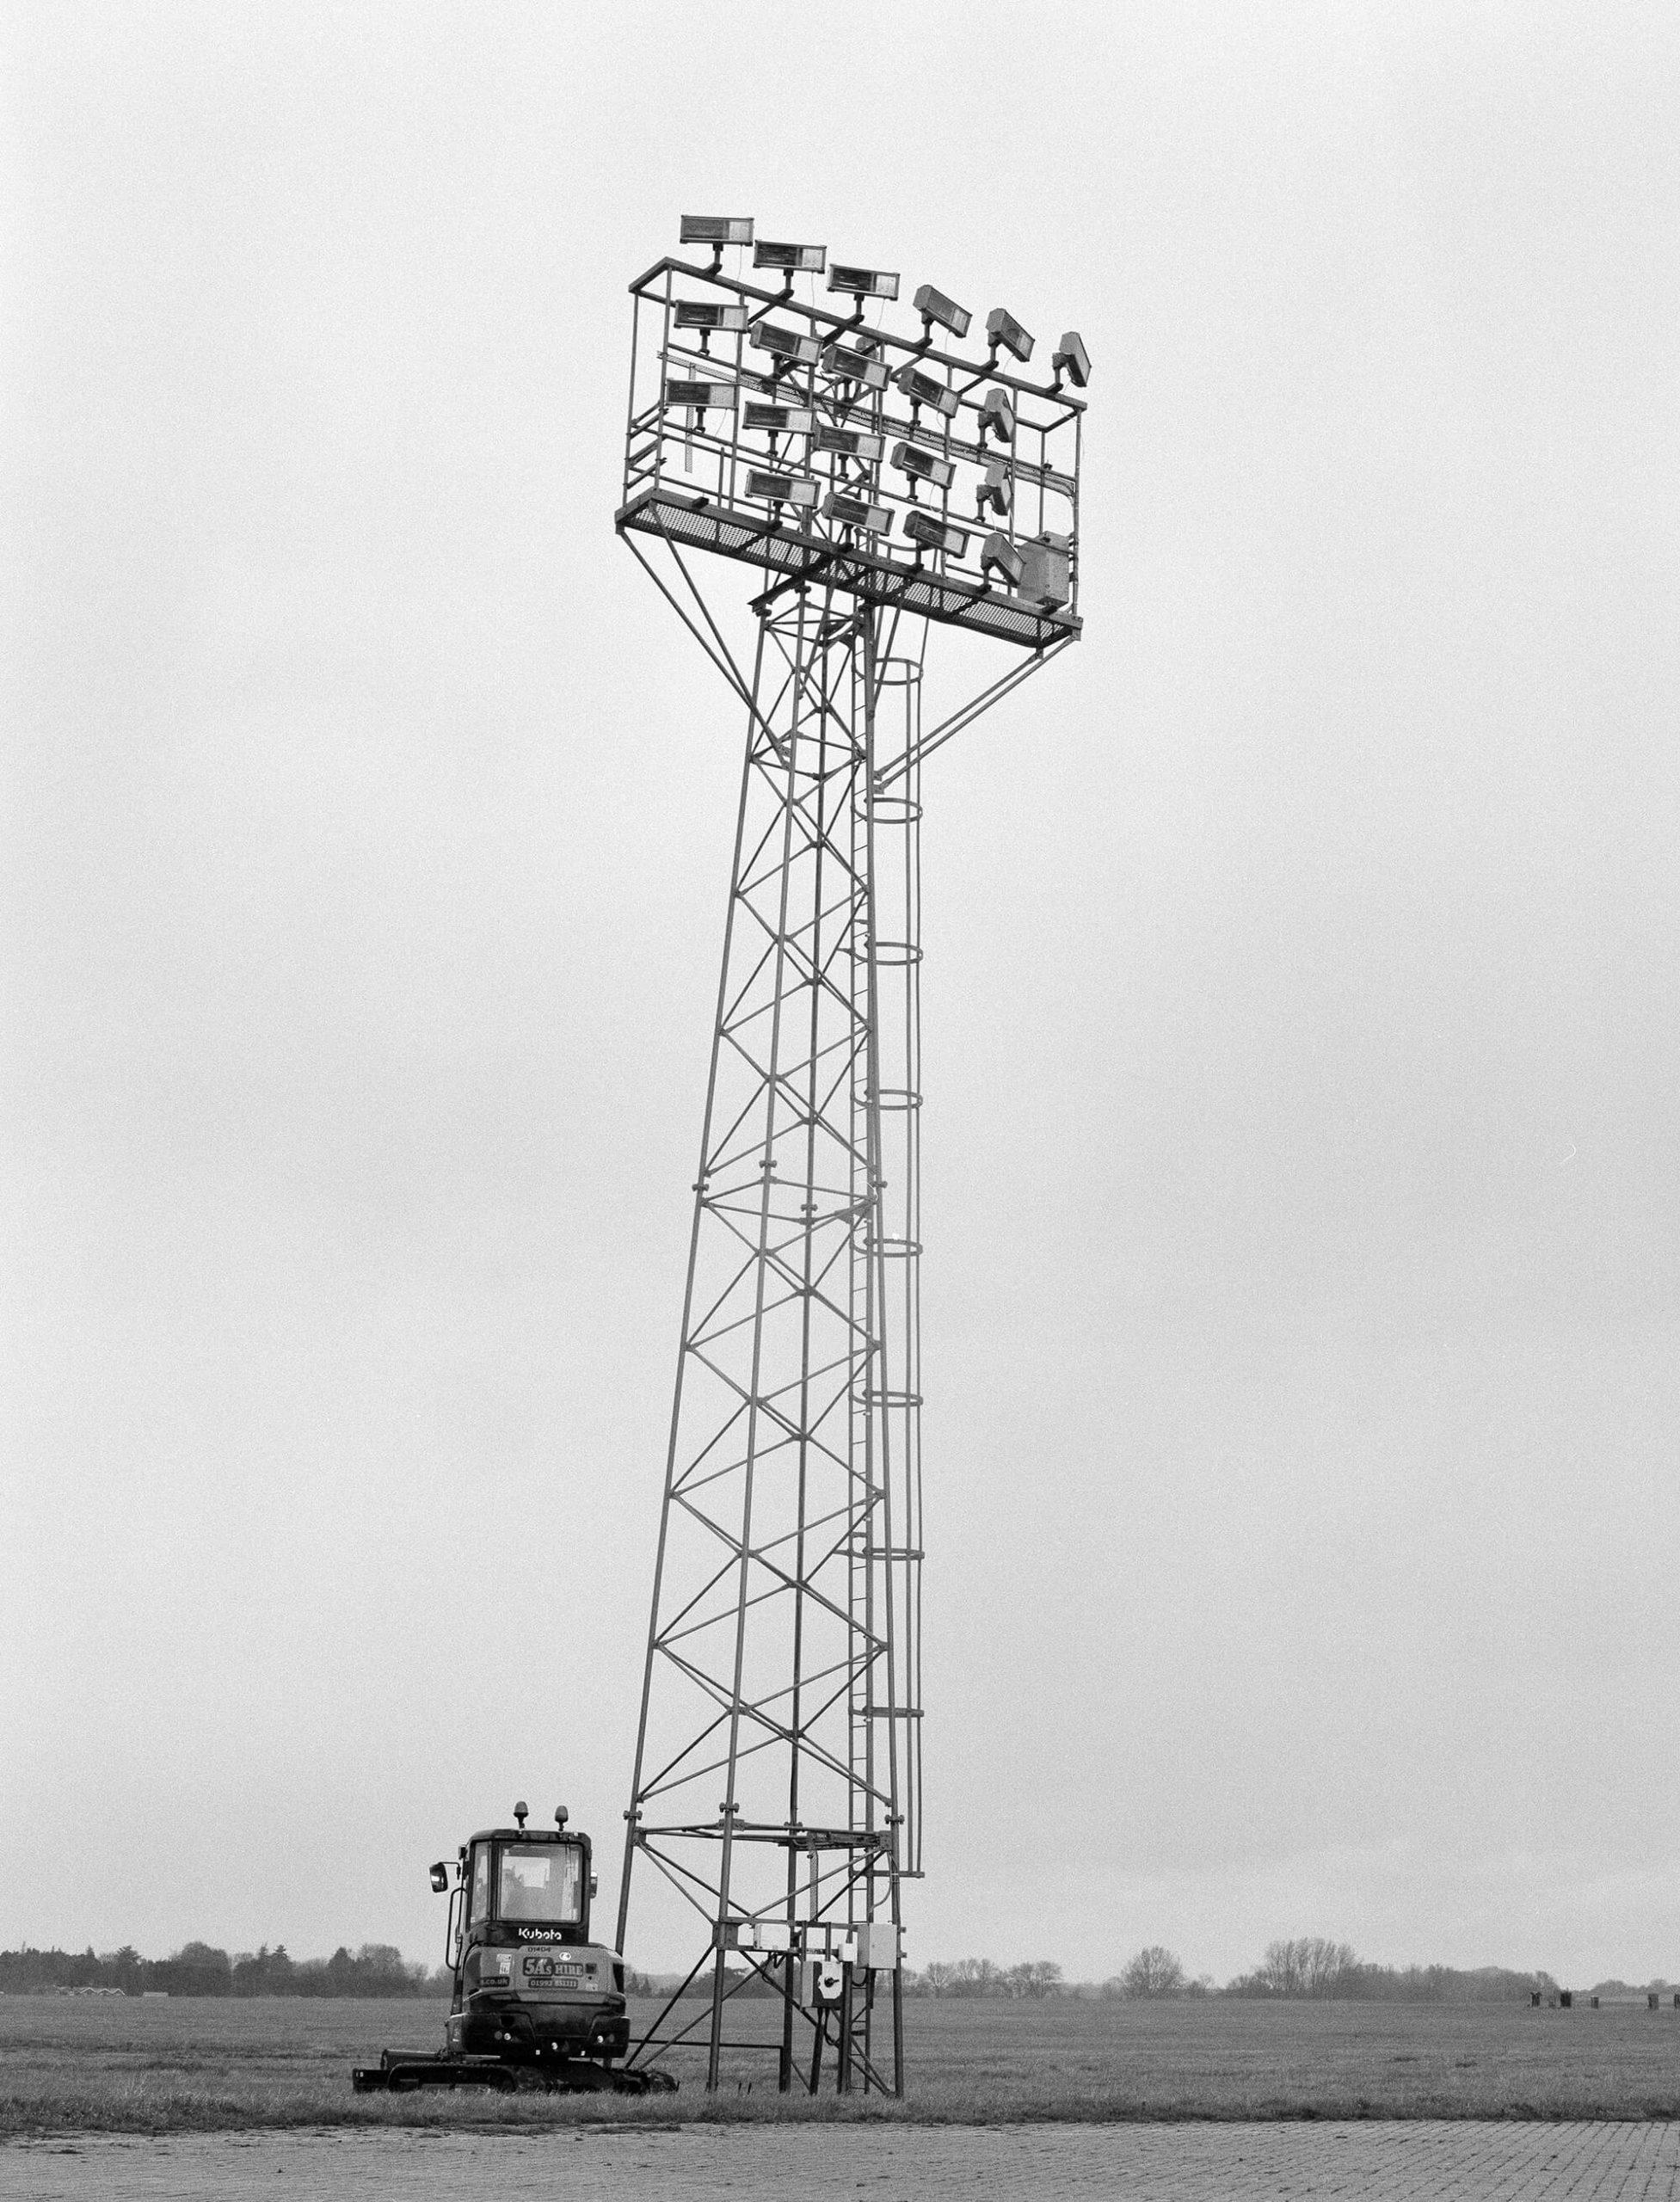 Rosie Dale - Ad Astra RAF Radar Tower